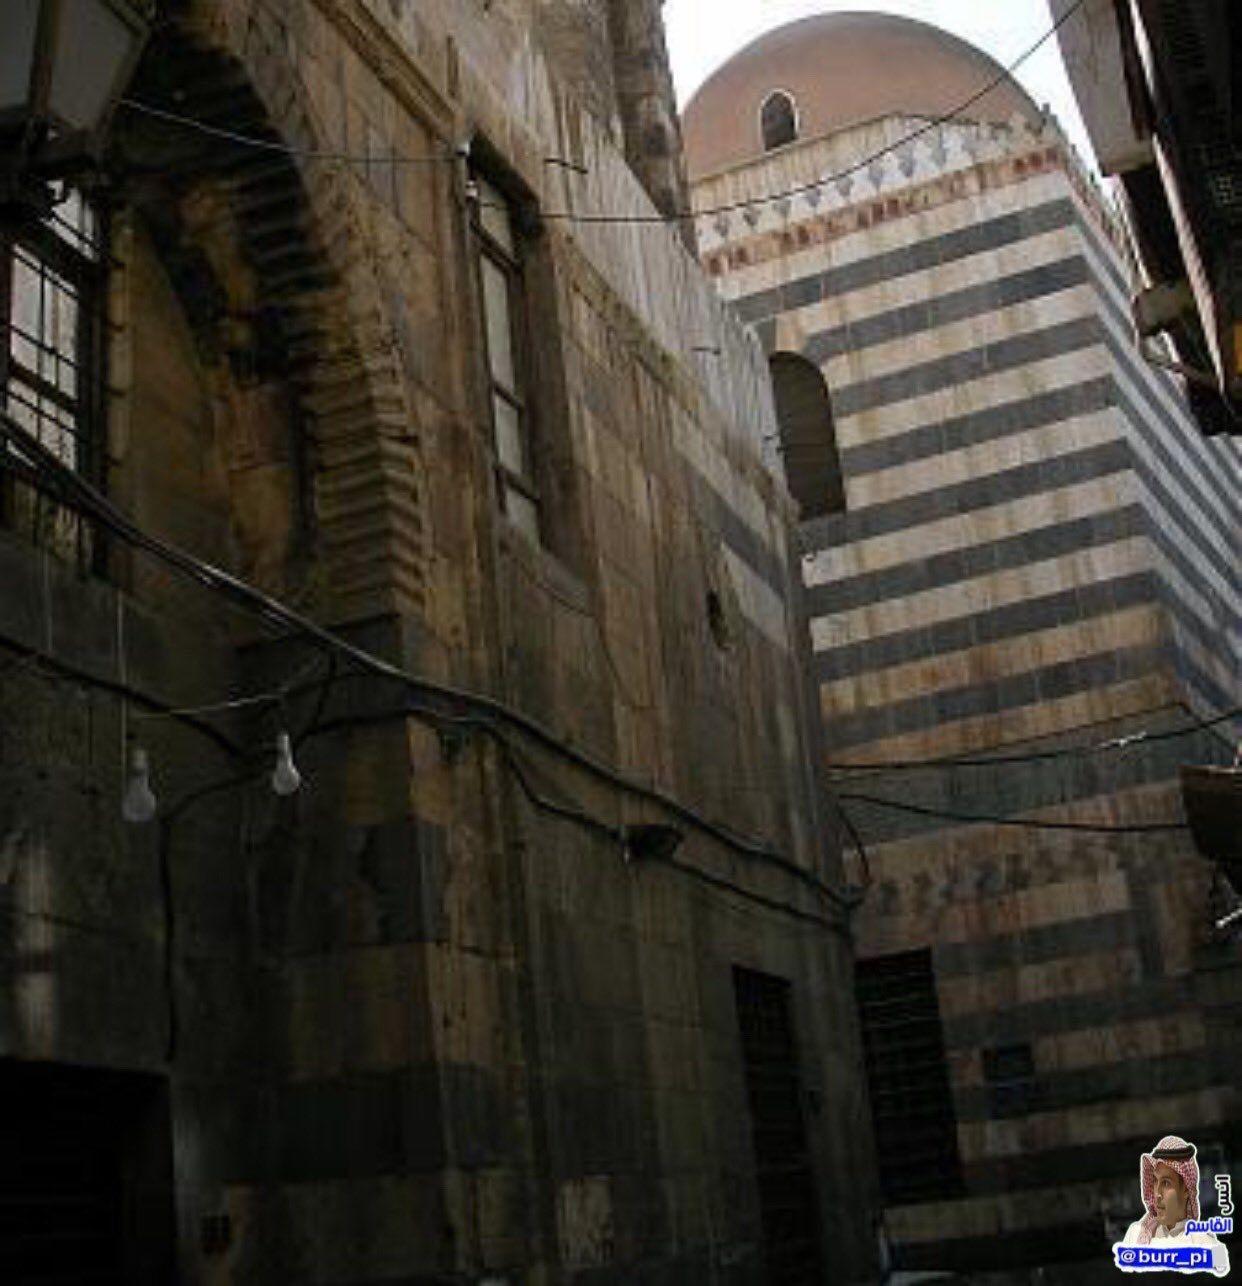 هذه الصورة هي لمنزل الخليفة العادل عمر بن عبد العزيز رحمه الله ملاصق للجامع في مدينة دمشق حيث إنه تربى وتعلم على أيدي كثير من الع Road Structures Alley